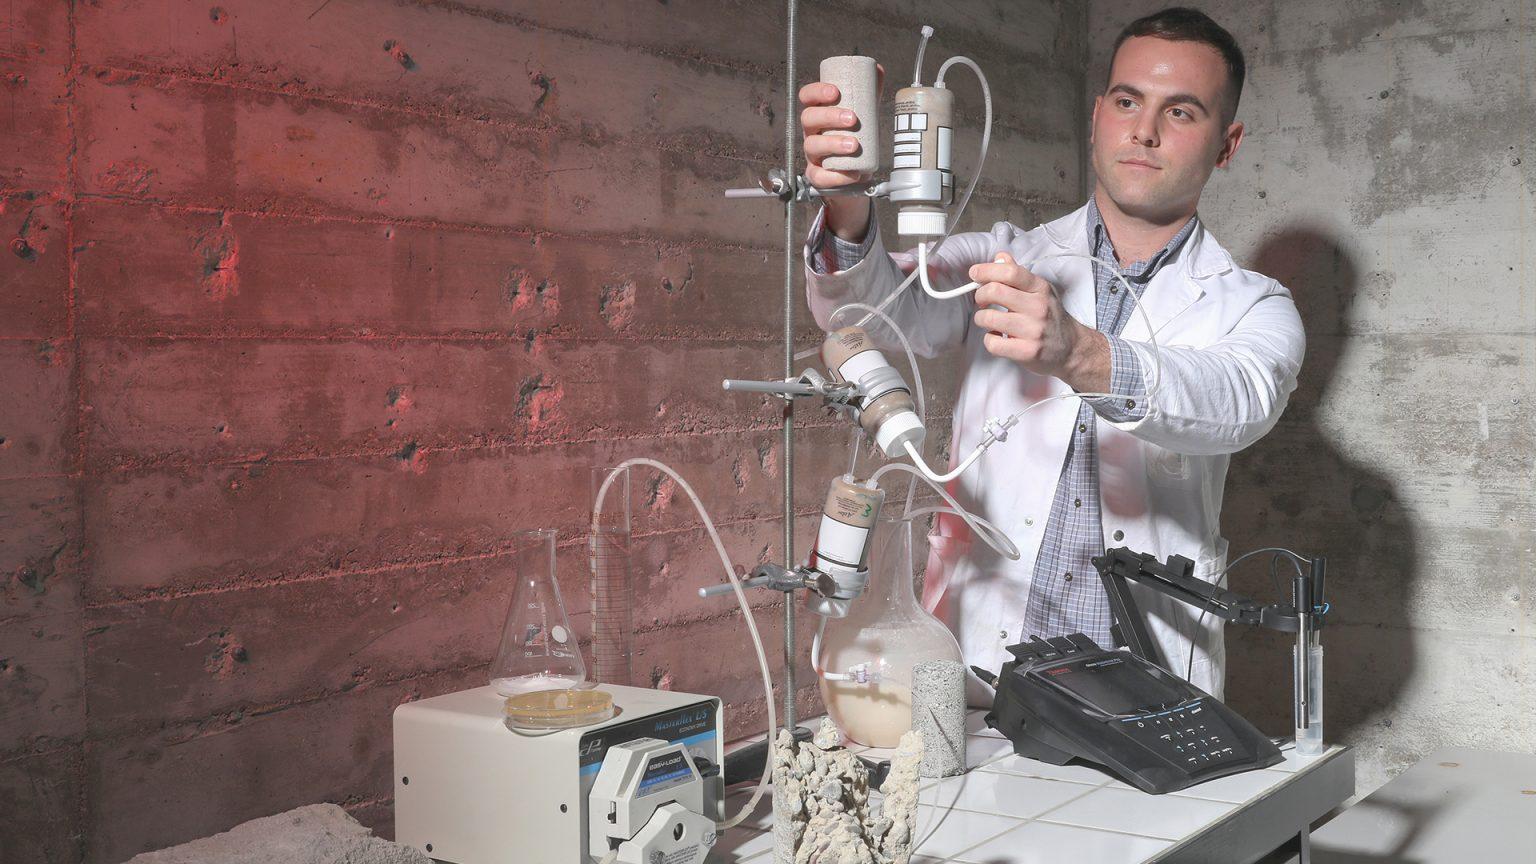 Afin de renforcer des sols de sable ou de gravier, le Laboratoire de mécanique des sols de l'EPFL a mis au point une technique aisément reproductible à base de bactéries et d'urée. Des réactions chimiques engendrent la formation rapide de cristaux minéraux qui agissent comme des liants entre les particules du sol. Dimitrios Terzis © Alain Herzog